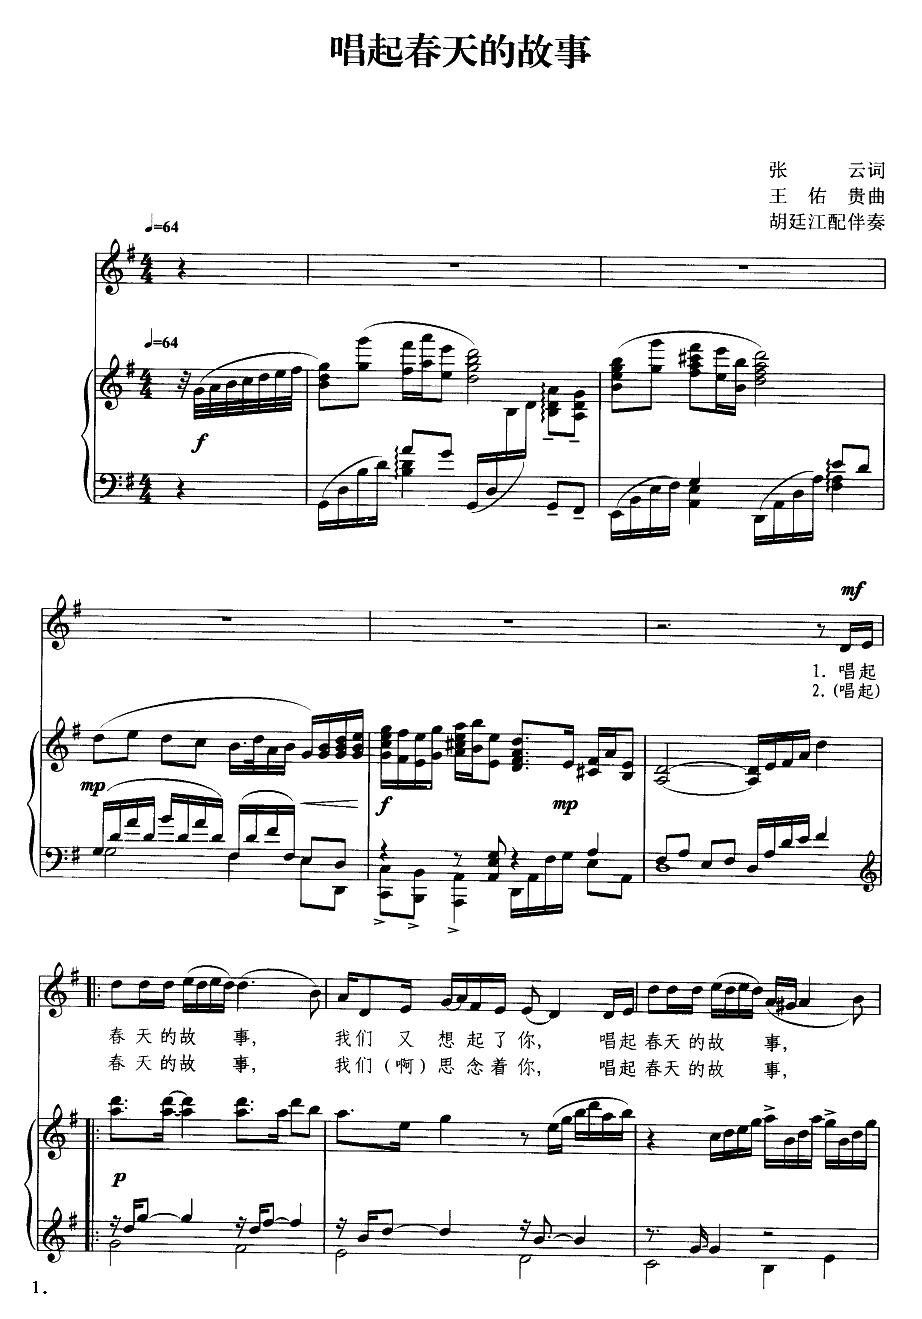 起春天的故事 钢琴伴奏谱